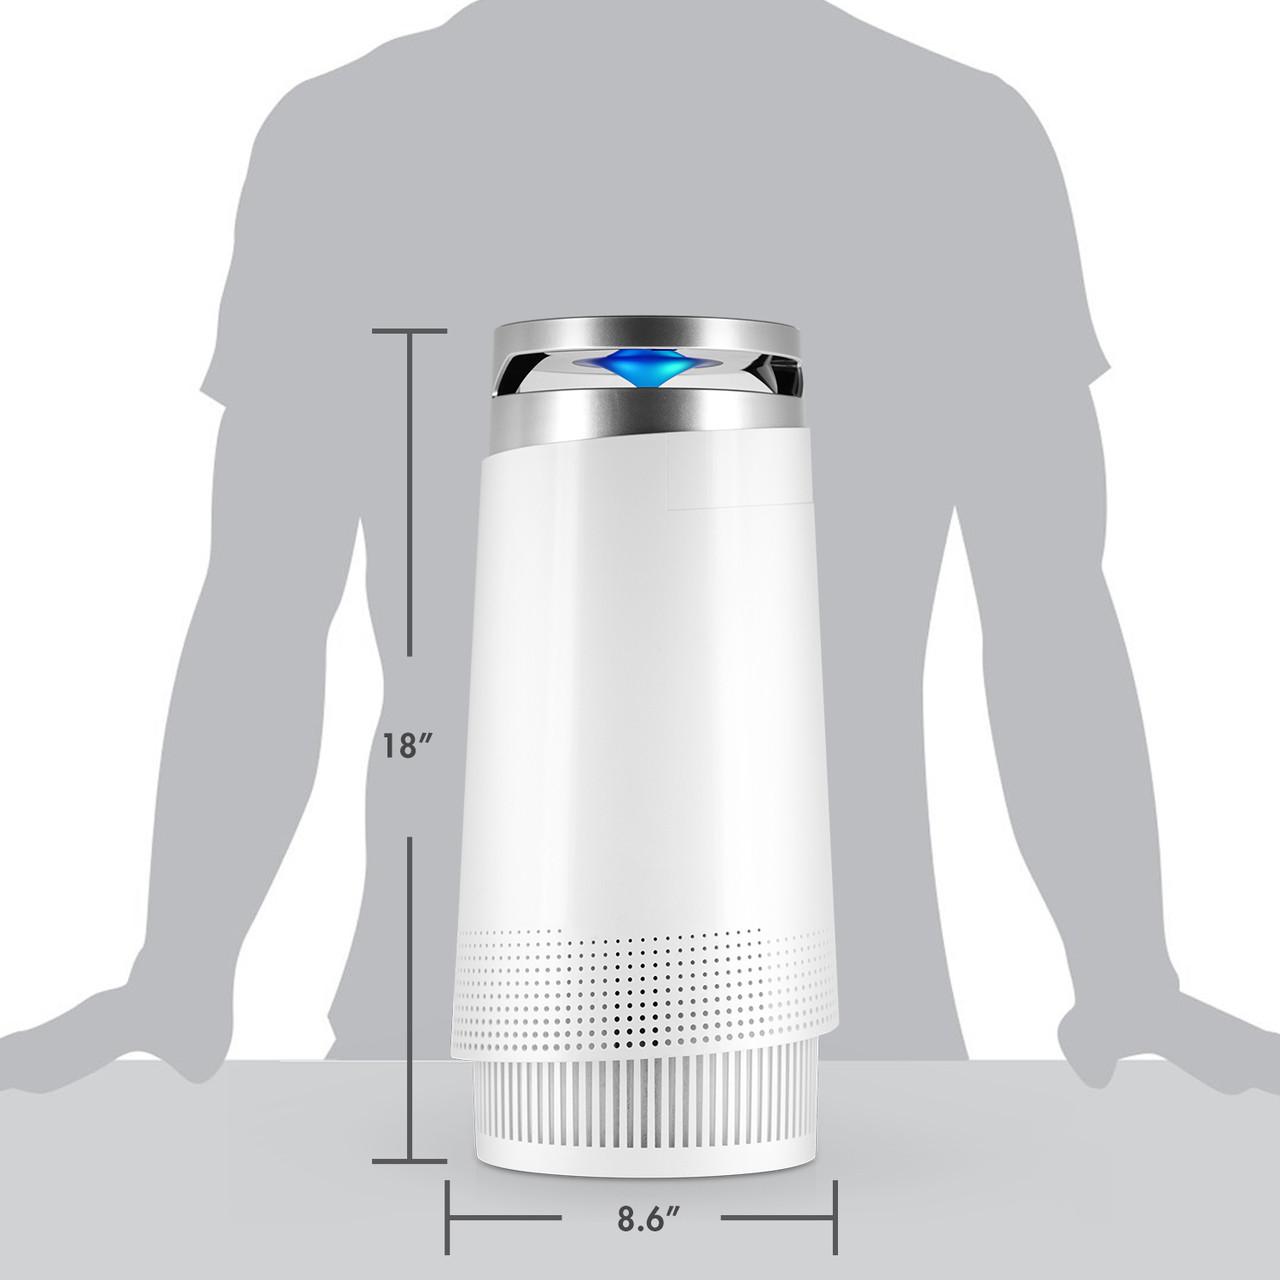 Renair Ionizer Air Purifier